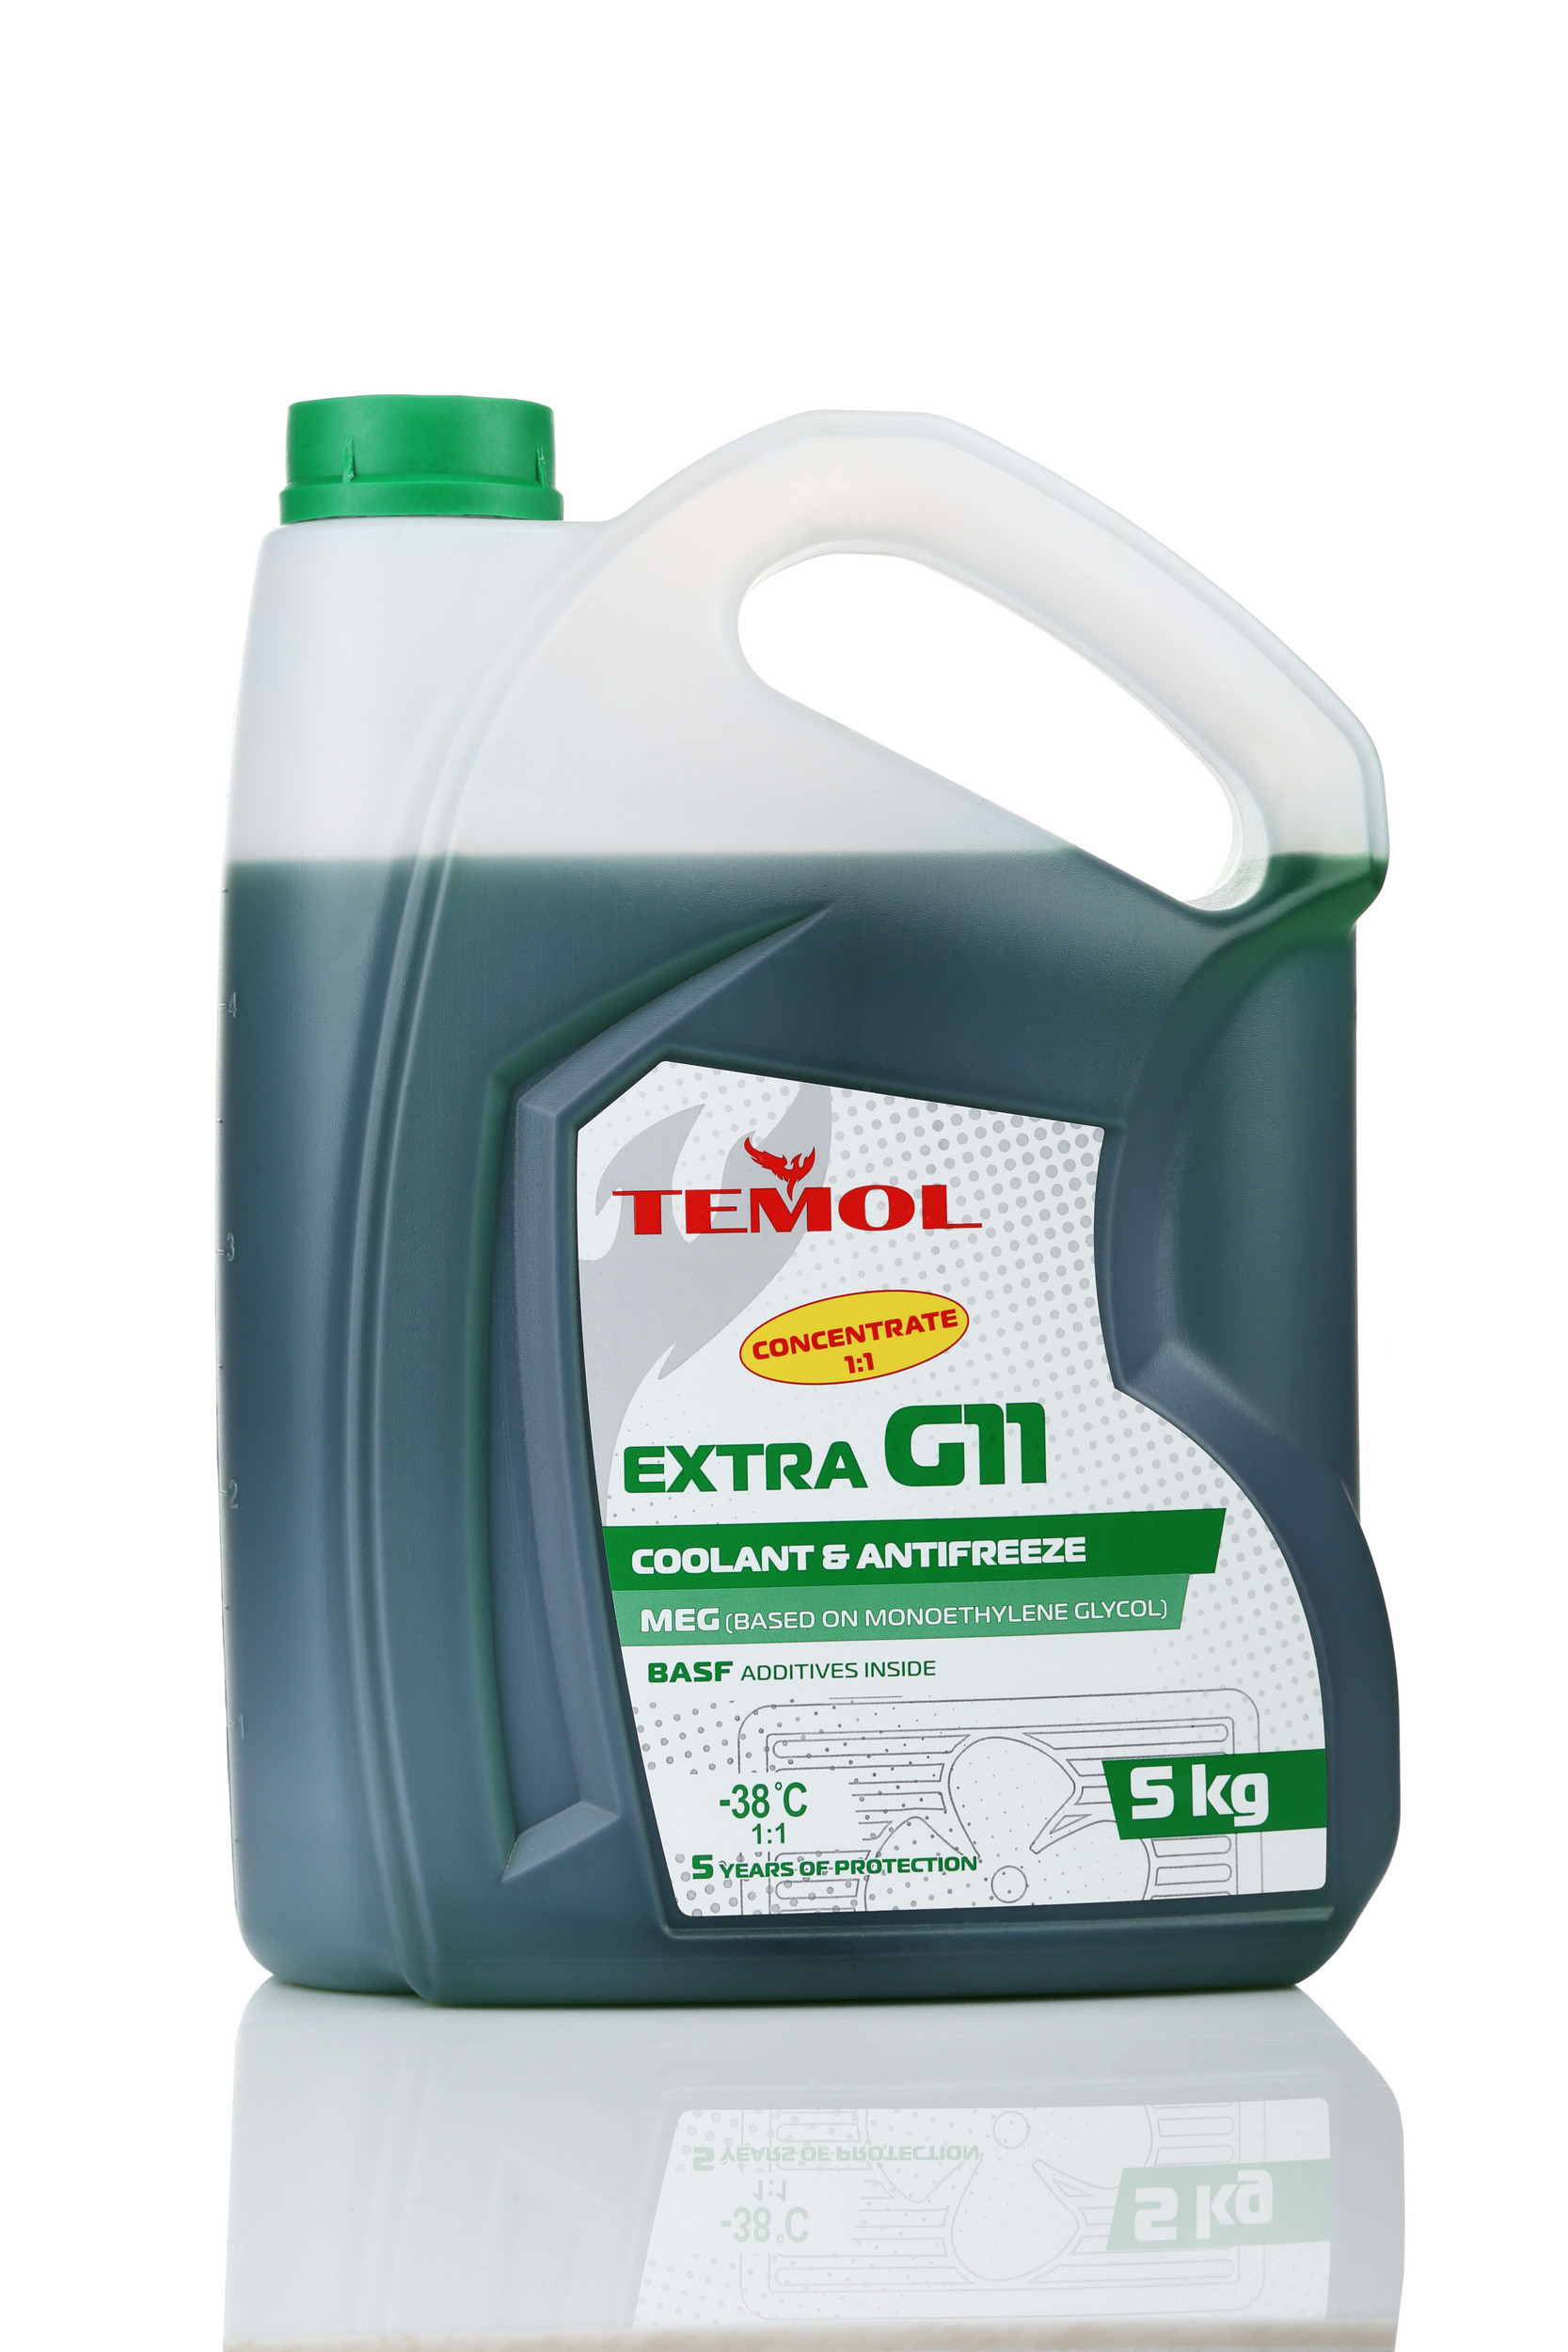 TEMOL ANTIFREEZE EXTRA CONCENTRATE G11 GREEN - 5L - Temol, официальный интернет-магазин